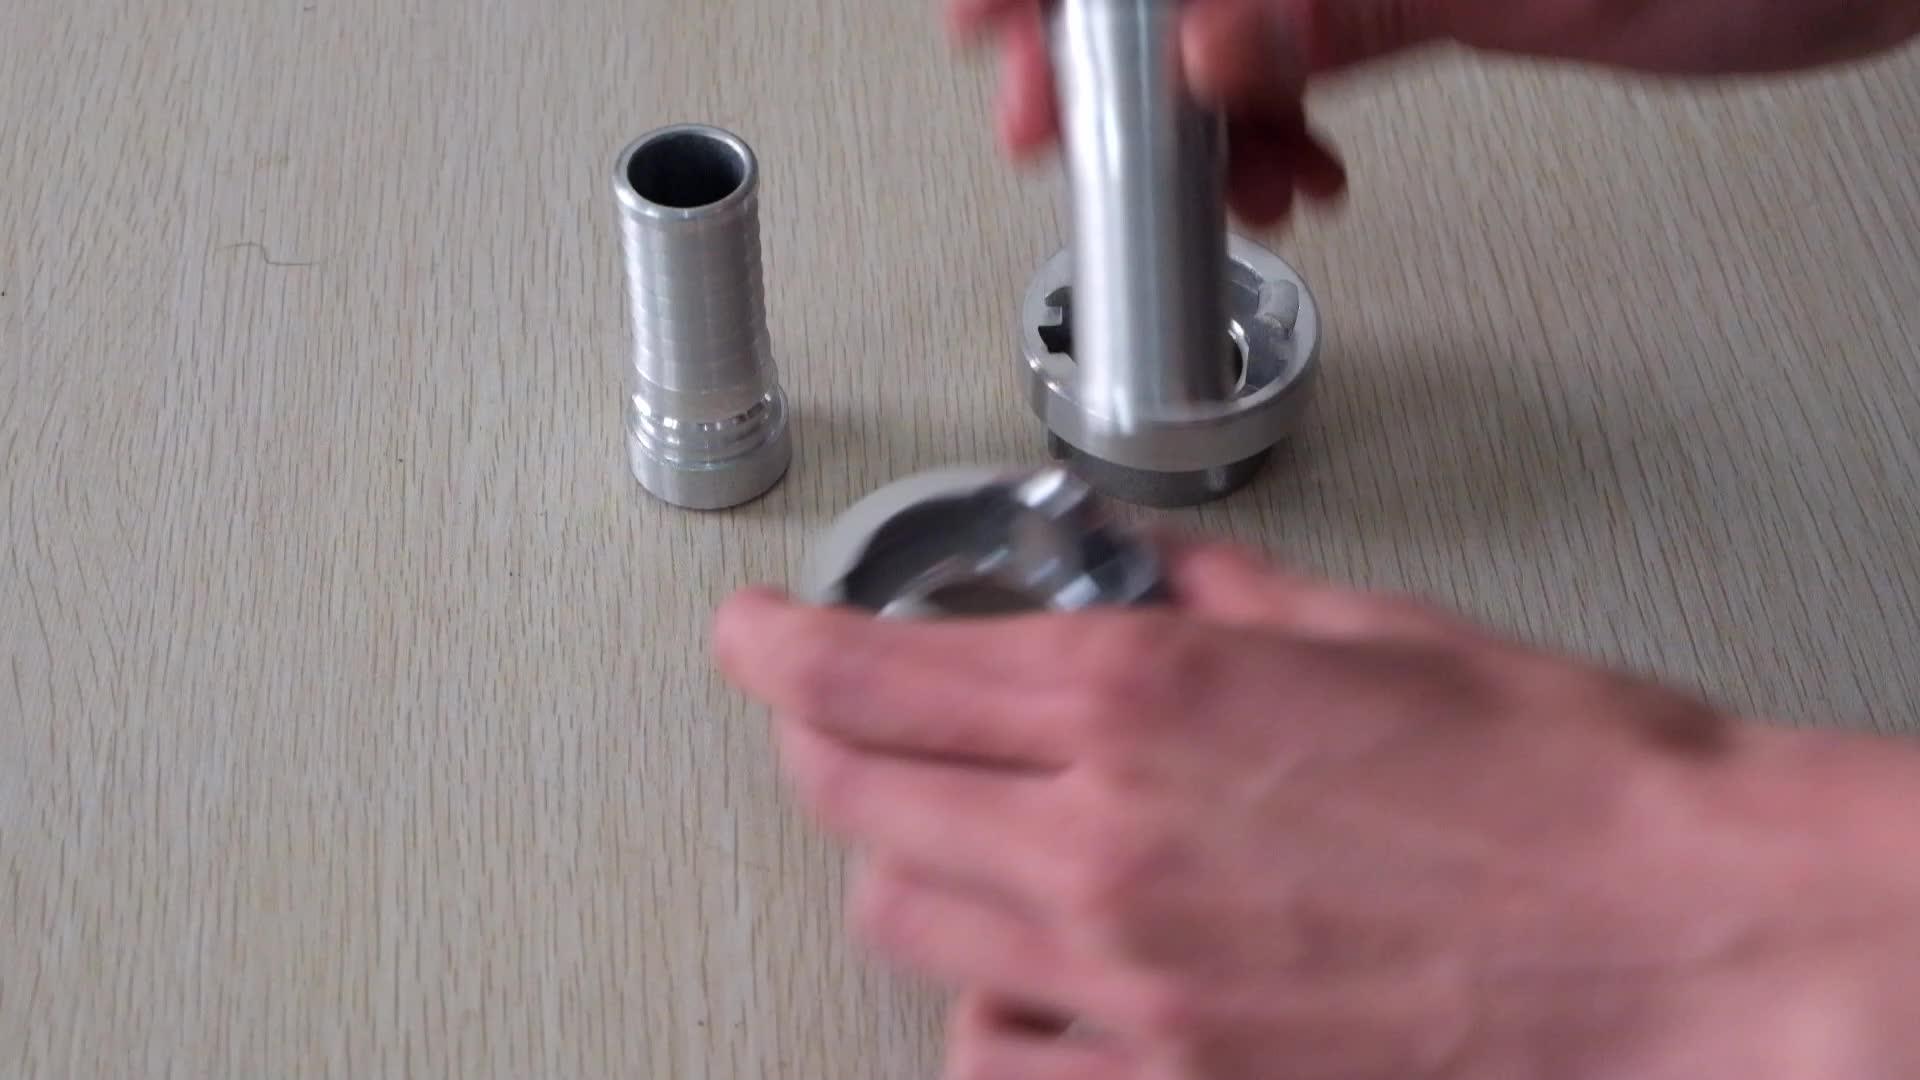 XHYXFire tiêu chuẩn Storz hose khớp nối giả mạo nhôm máy bơm chữa cháy phù hợp Nhà Máy Bán Hàng Trực Tiếp